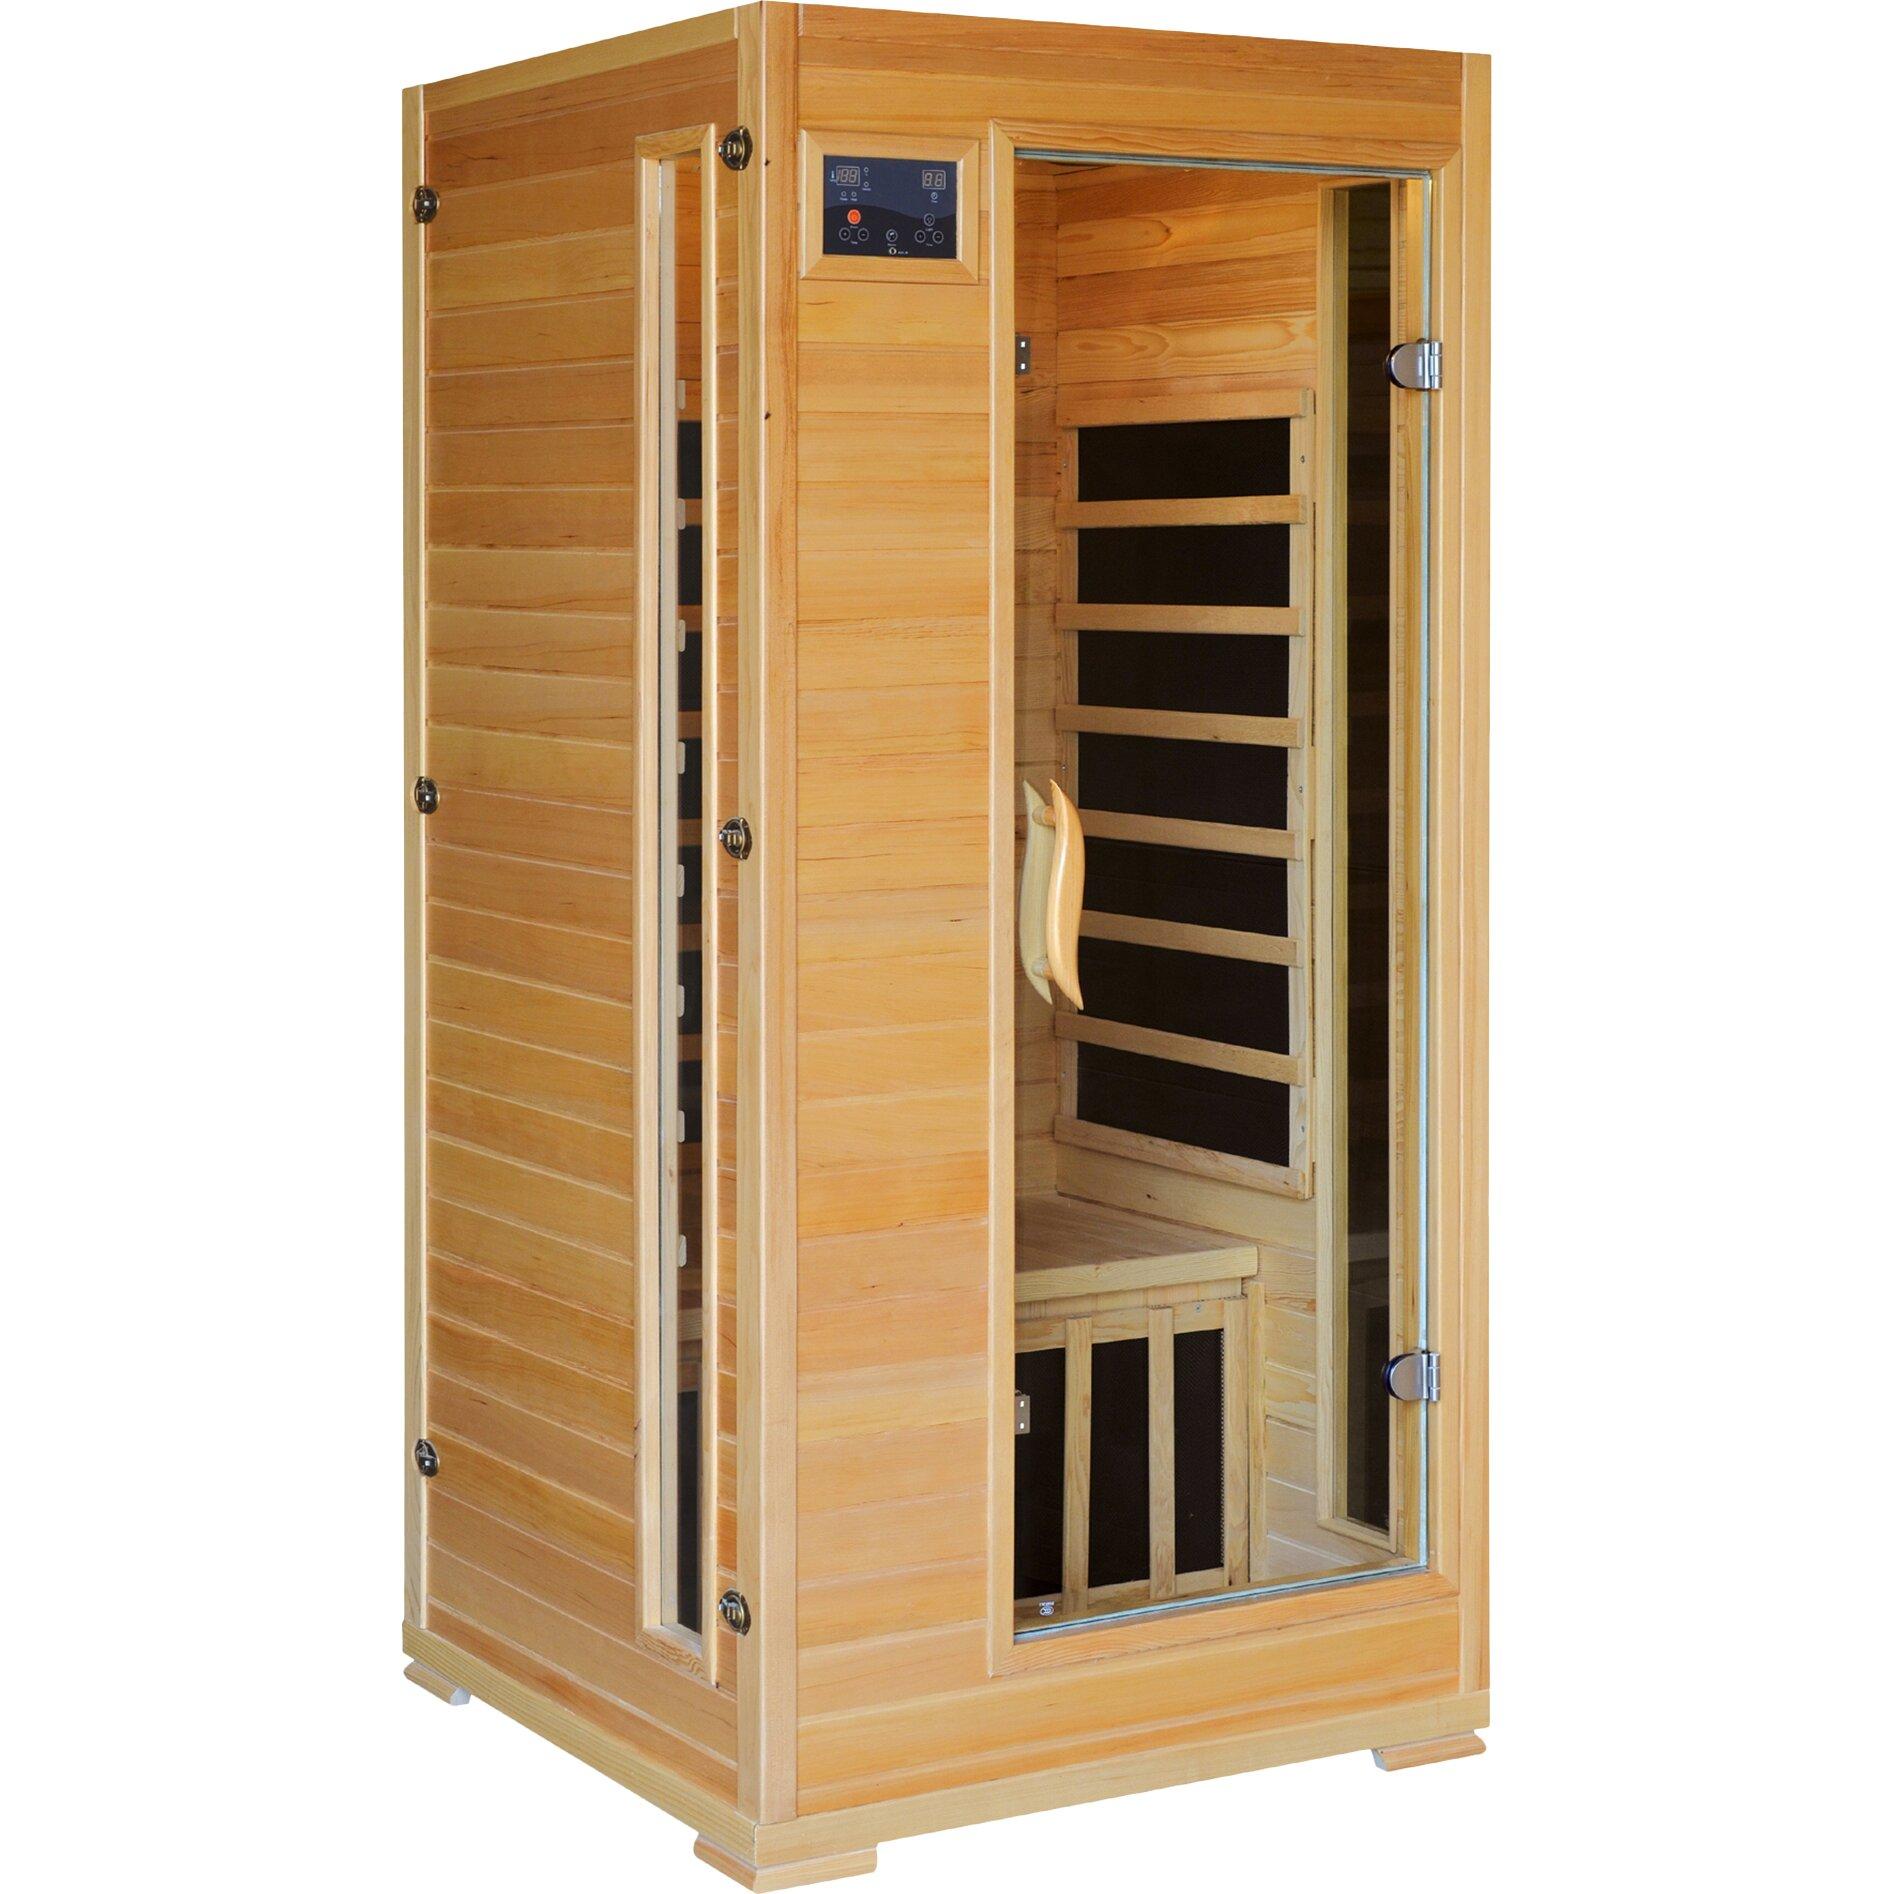 Single infrared sauna